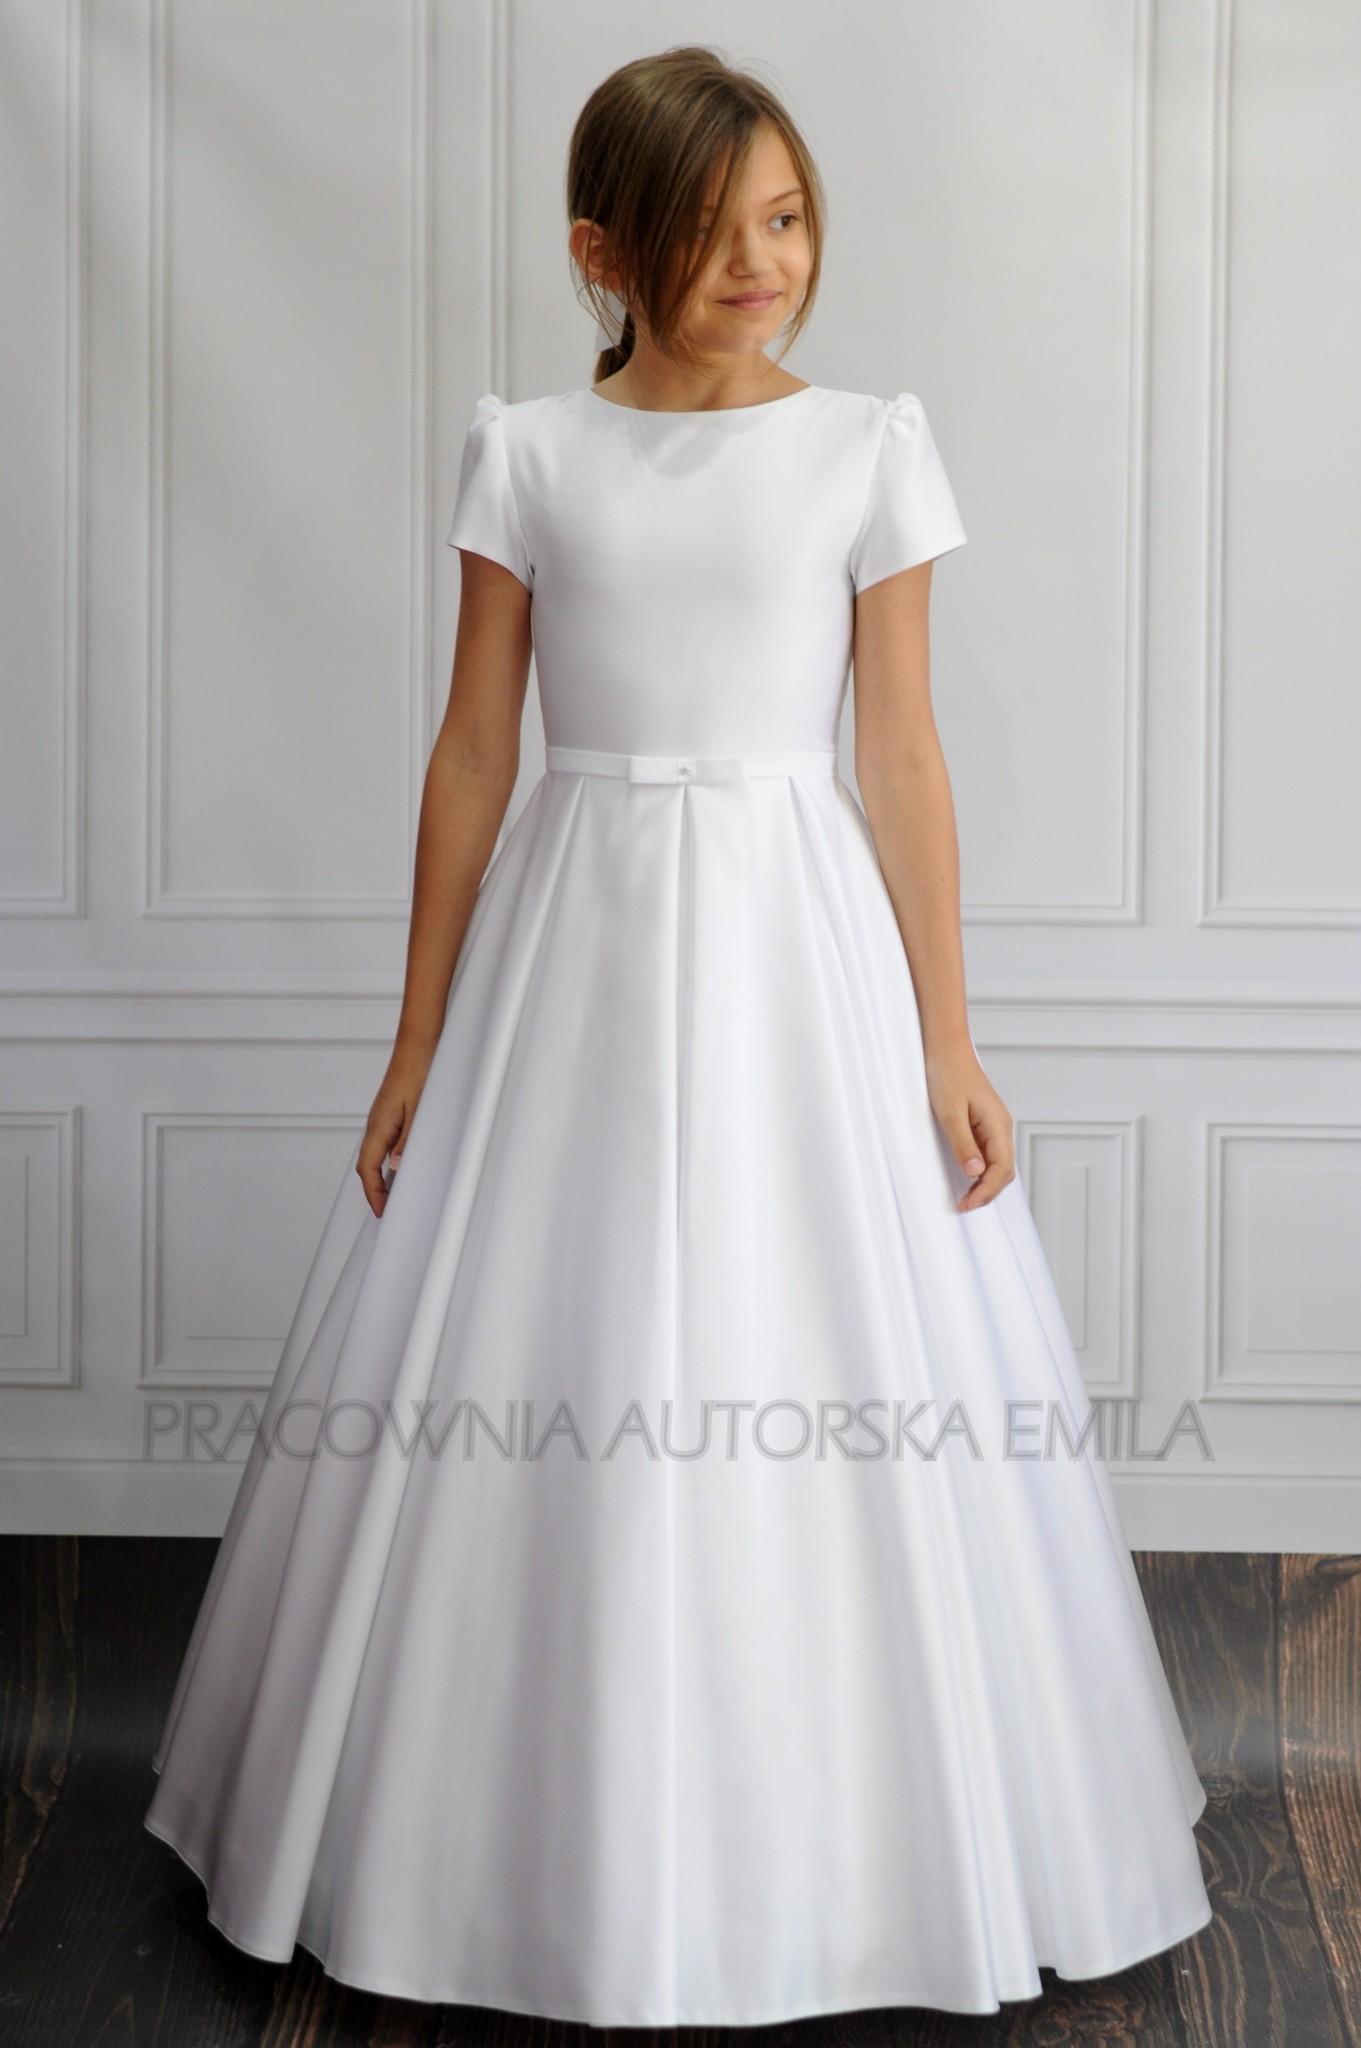 fcd2ffa53d Demi sukienka komunijna - Pracownia Autorska Emila